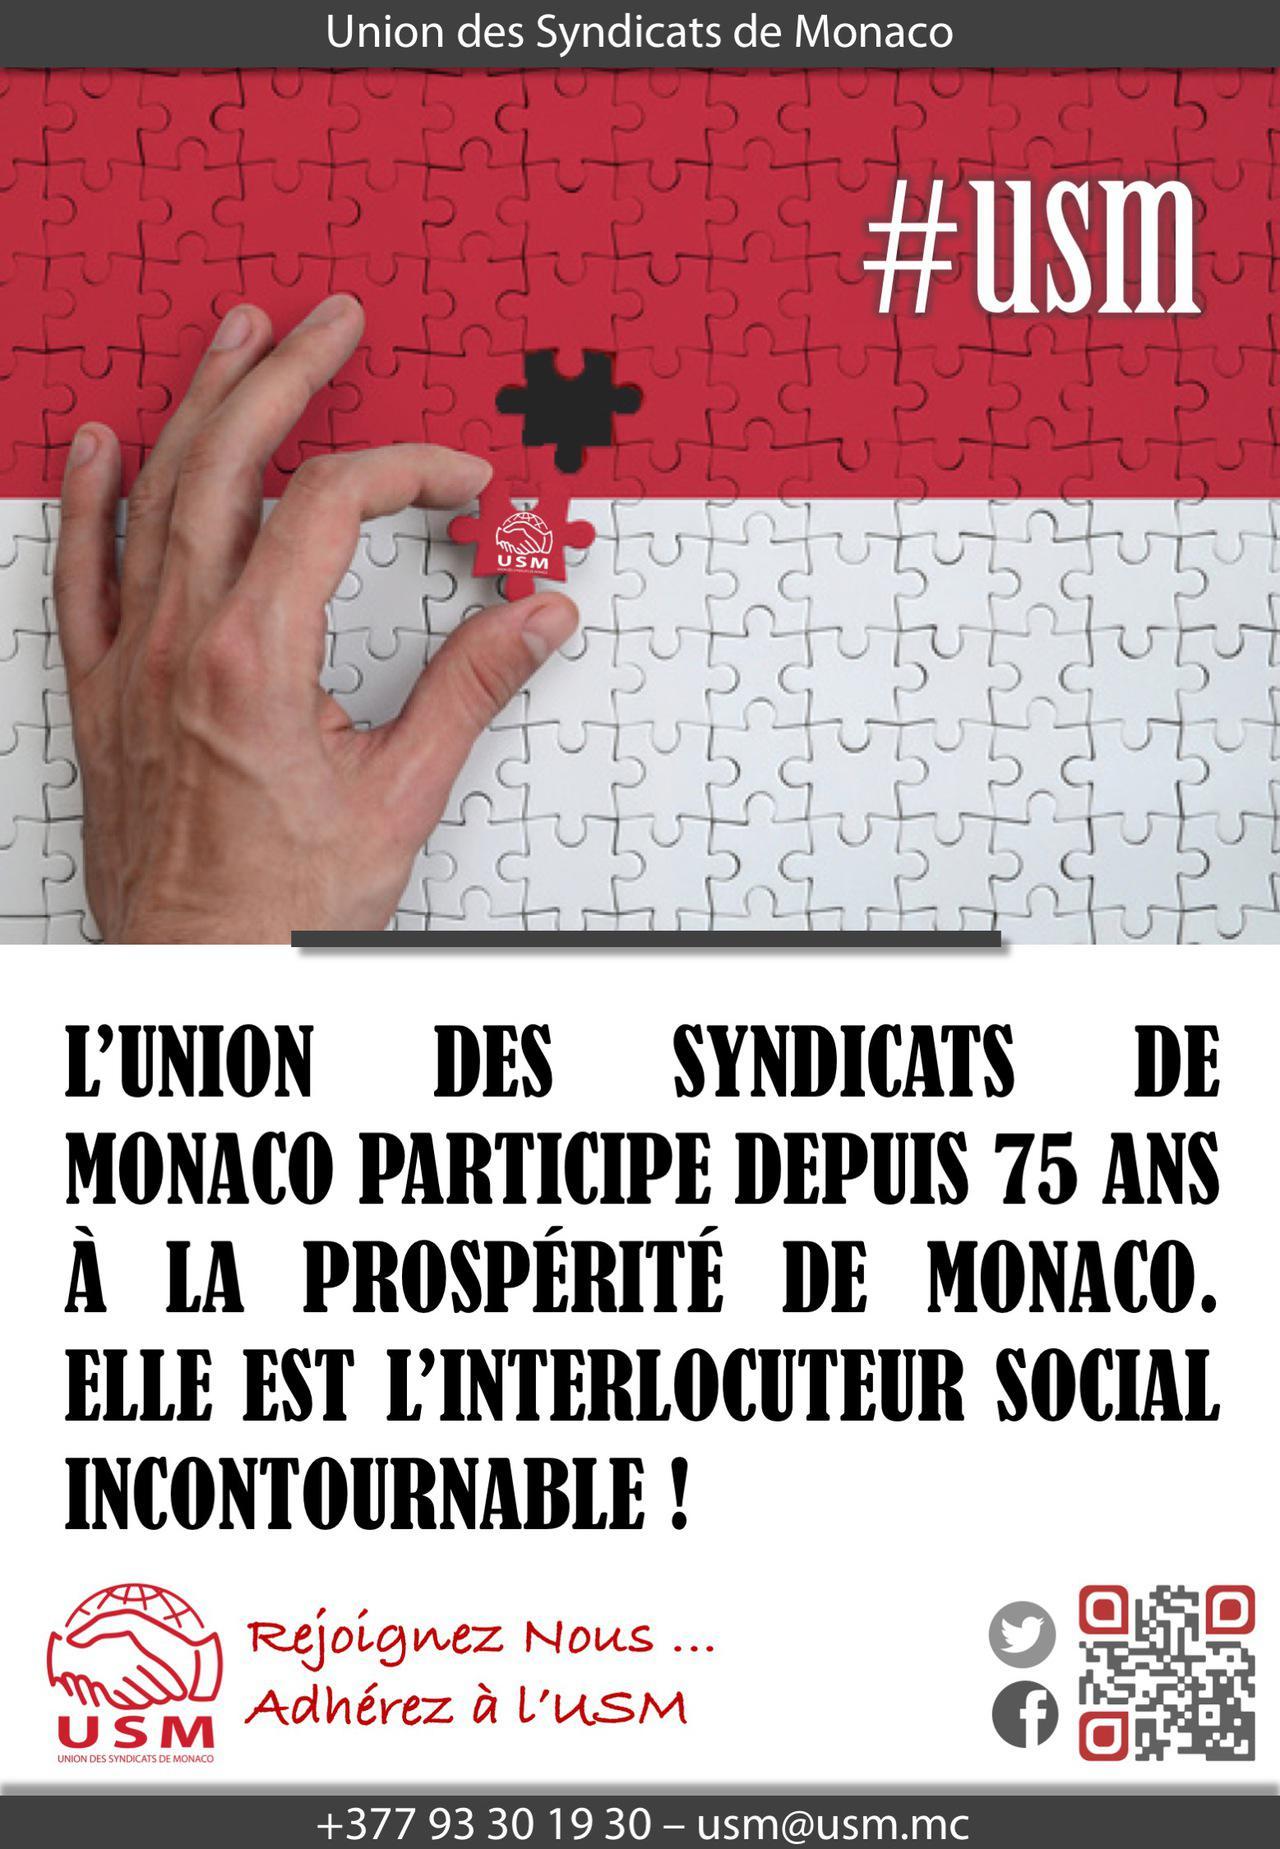 Union des Syndicats